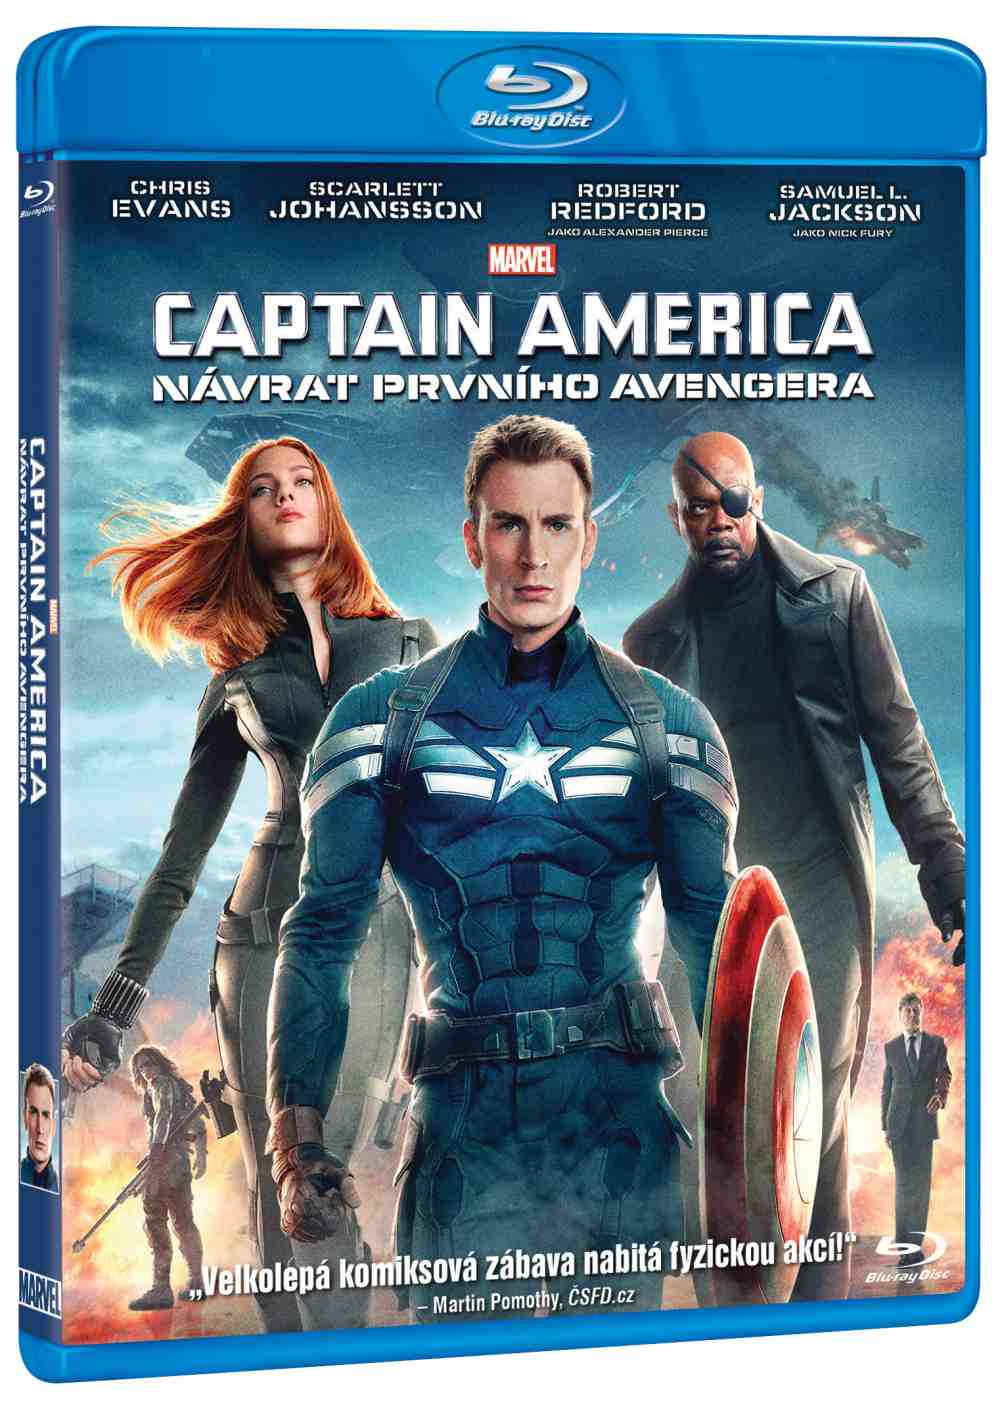 CAPTAIN AMERICA: NÁVRAT PRVNÍHO AVENGERA - Blu-ray